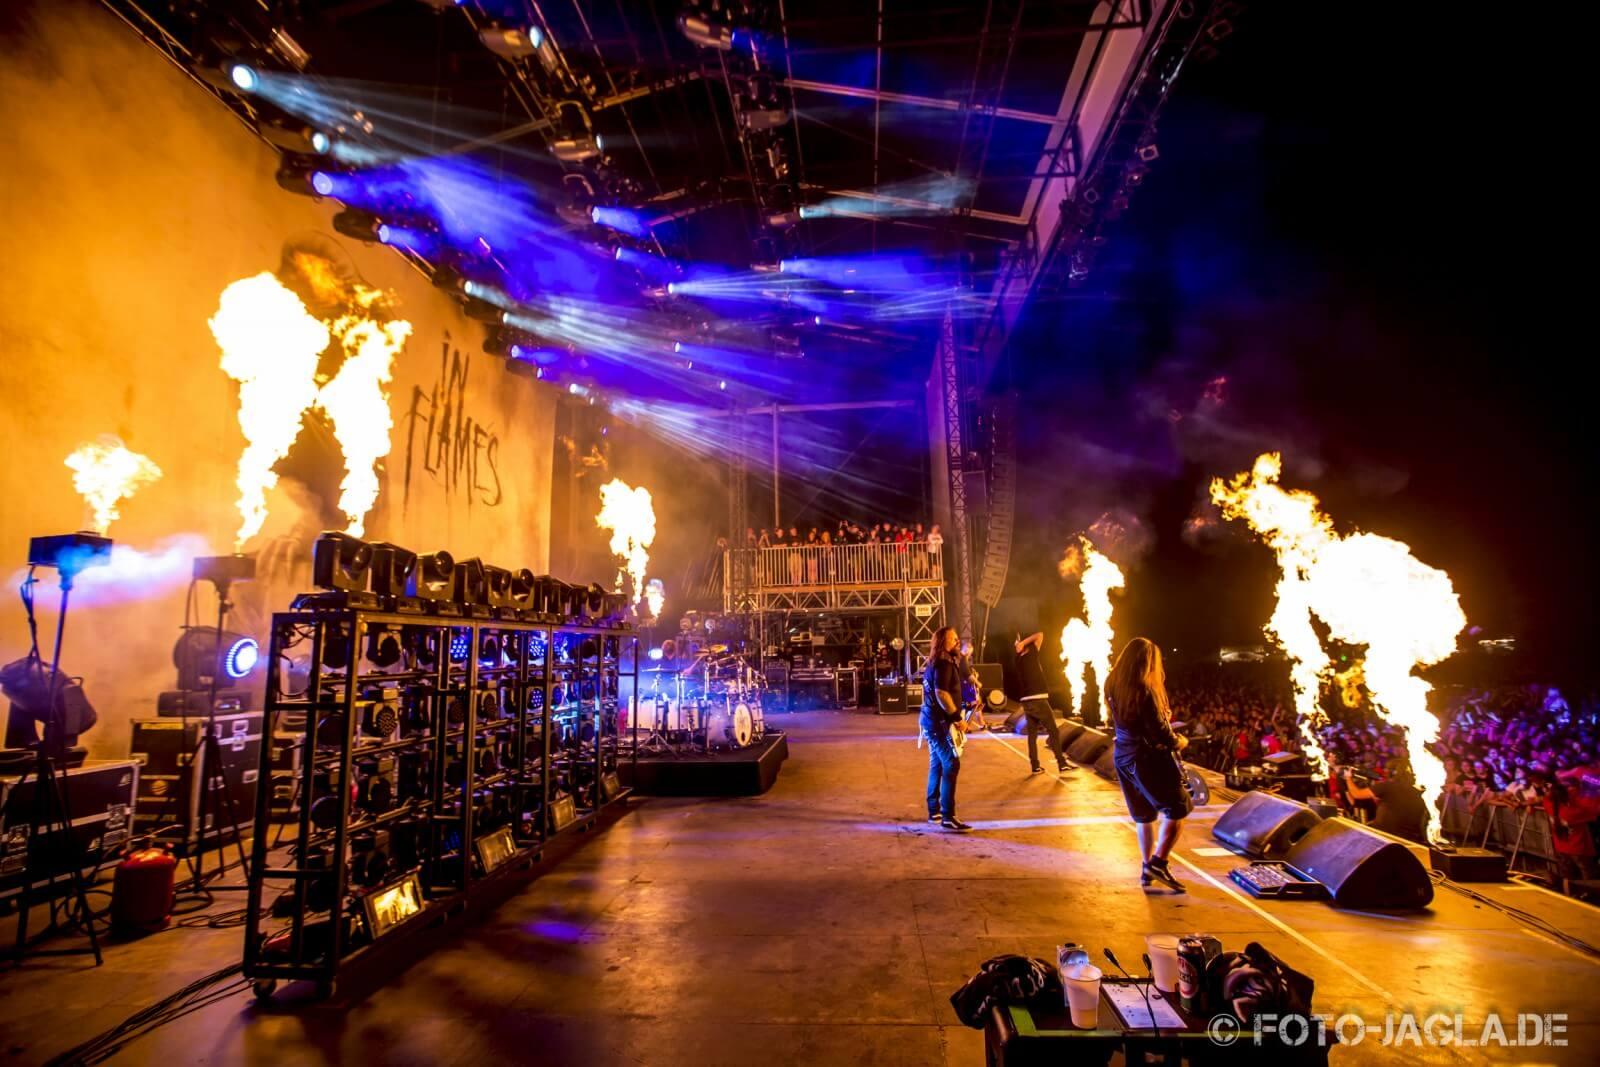 Konzertfotografie - Vorsicht auf der Bühne